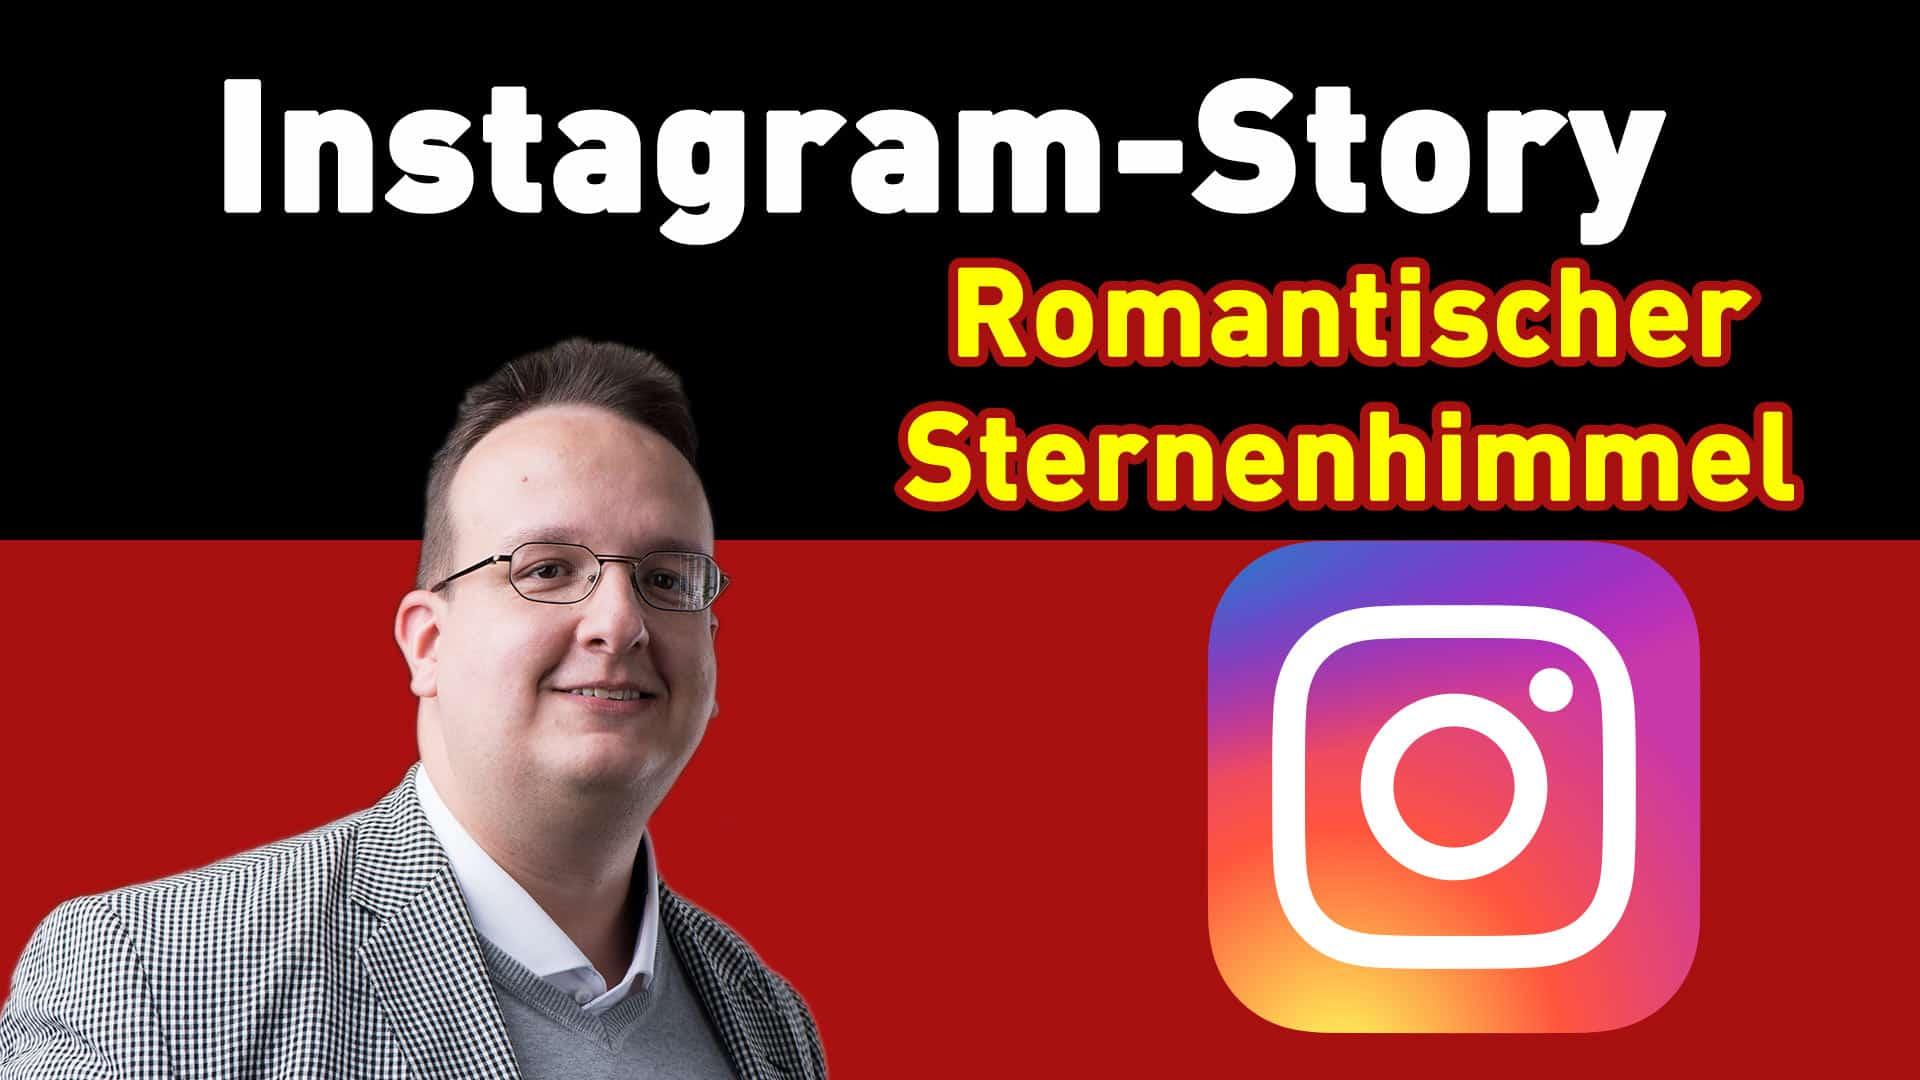 instagram story hack romatischer sternenhimmel erstellen - Home